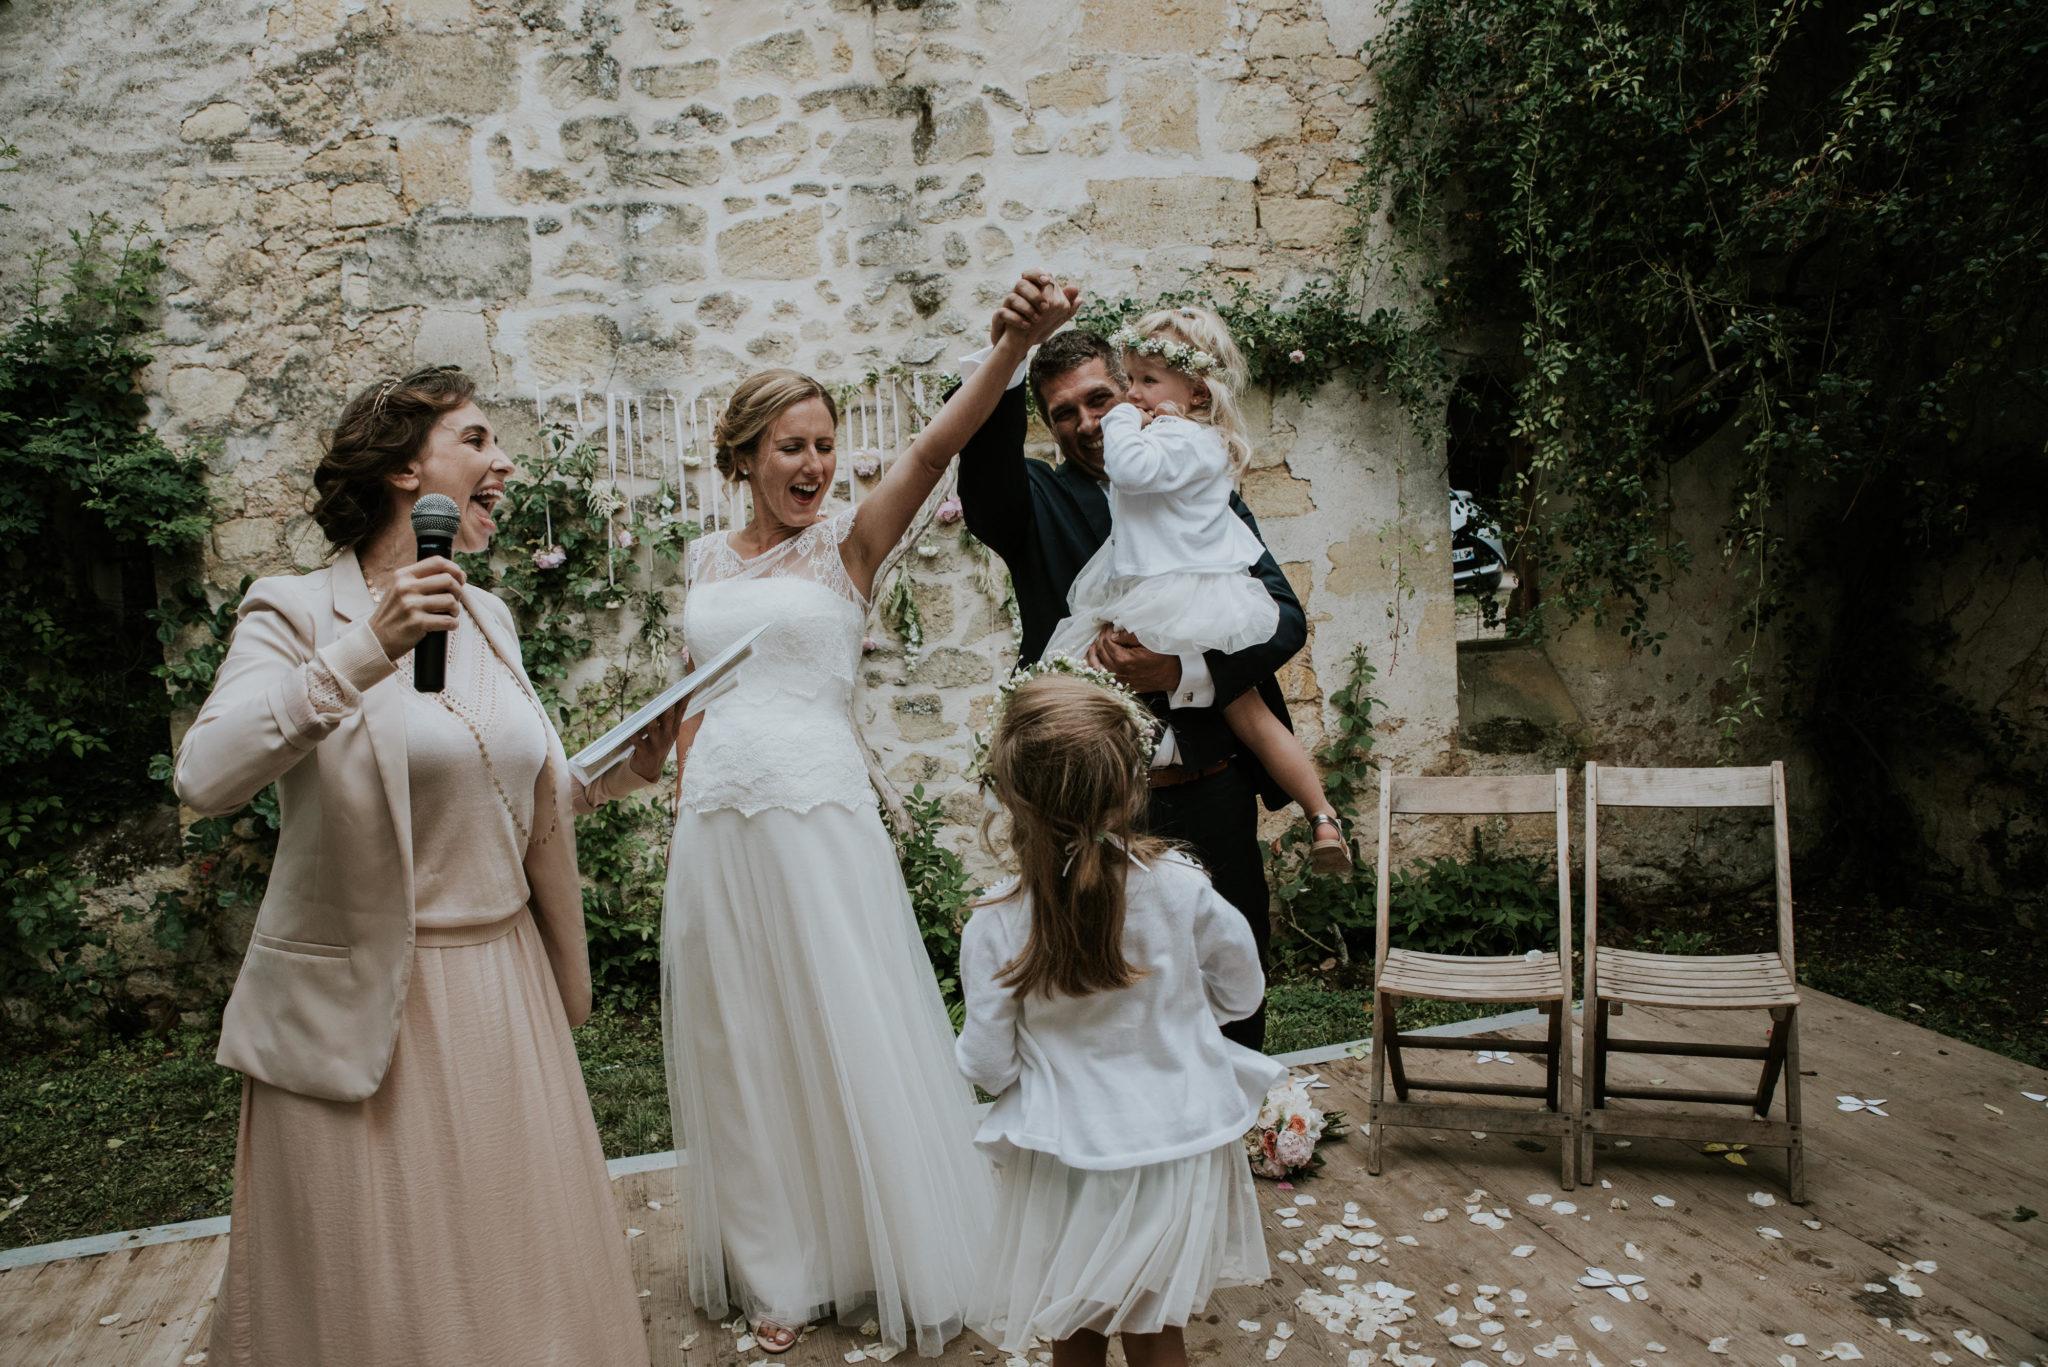 mariage-ceremonie-laique-officiante-joie